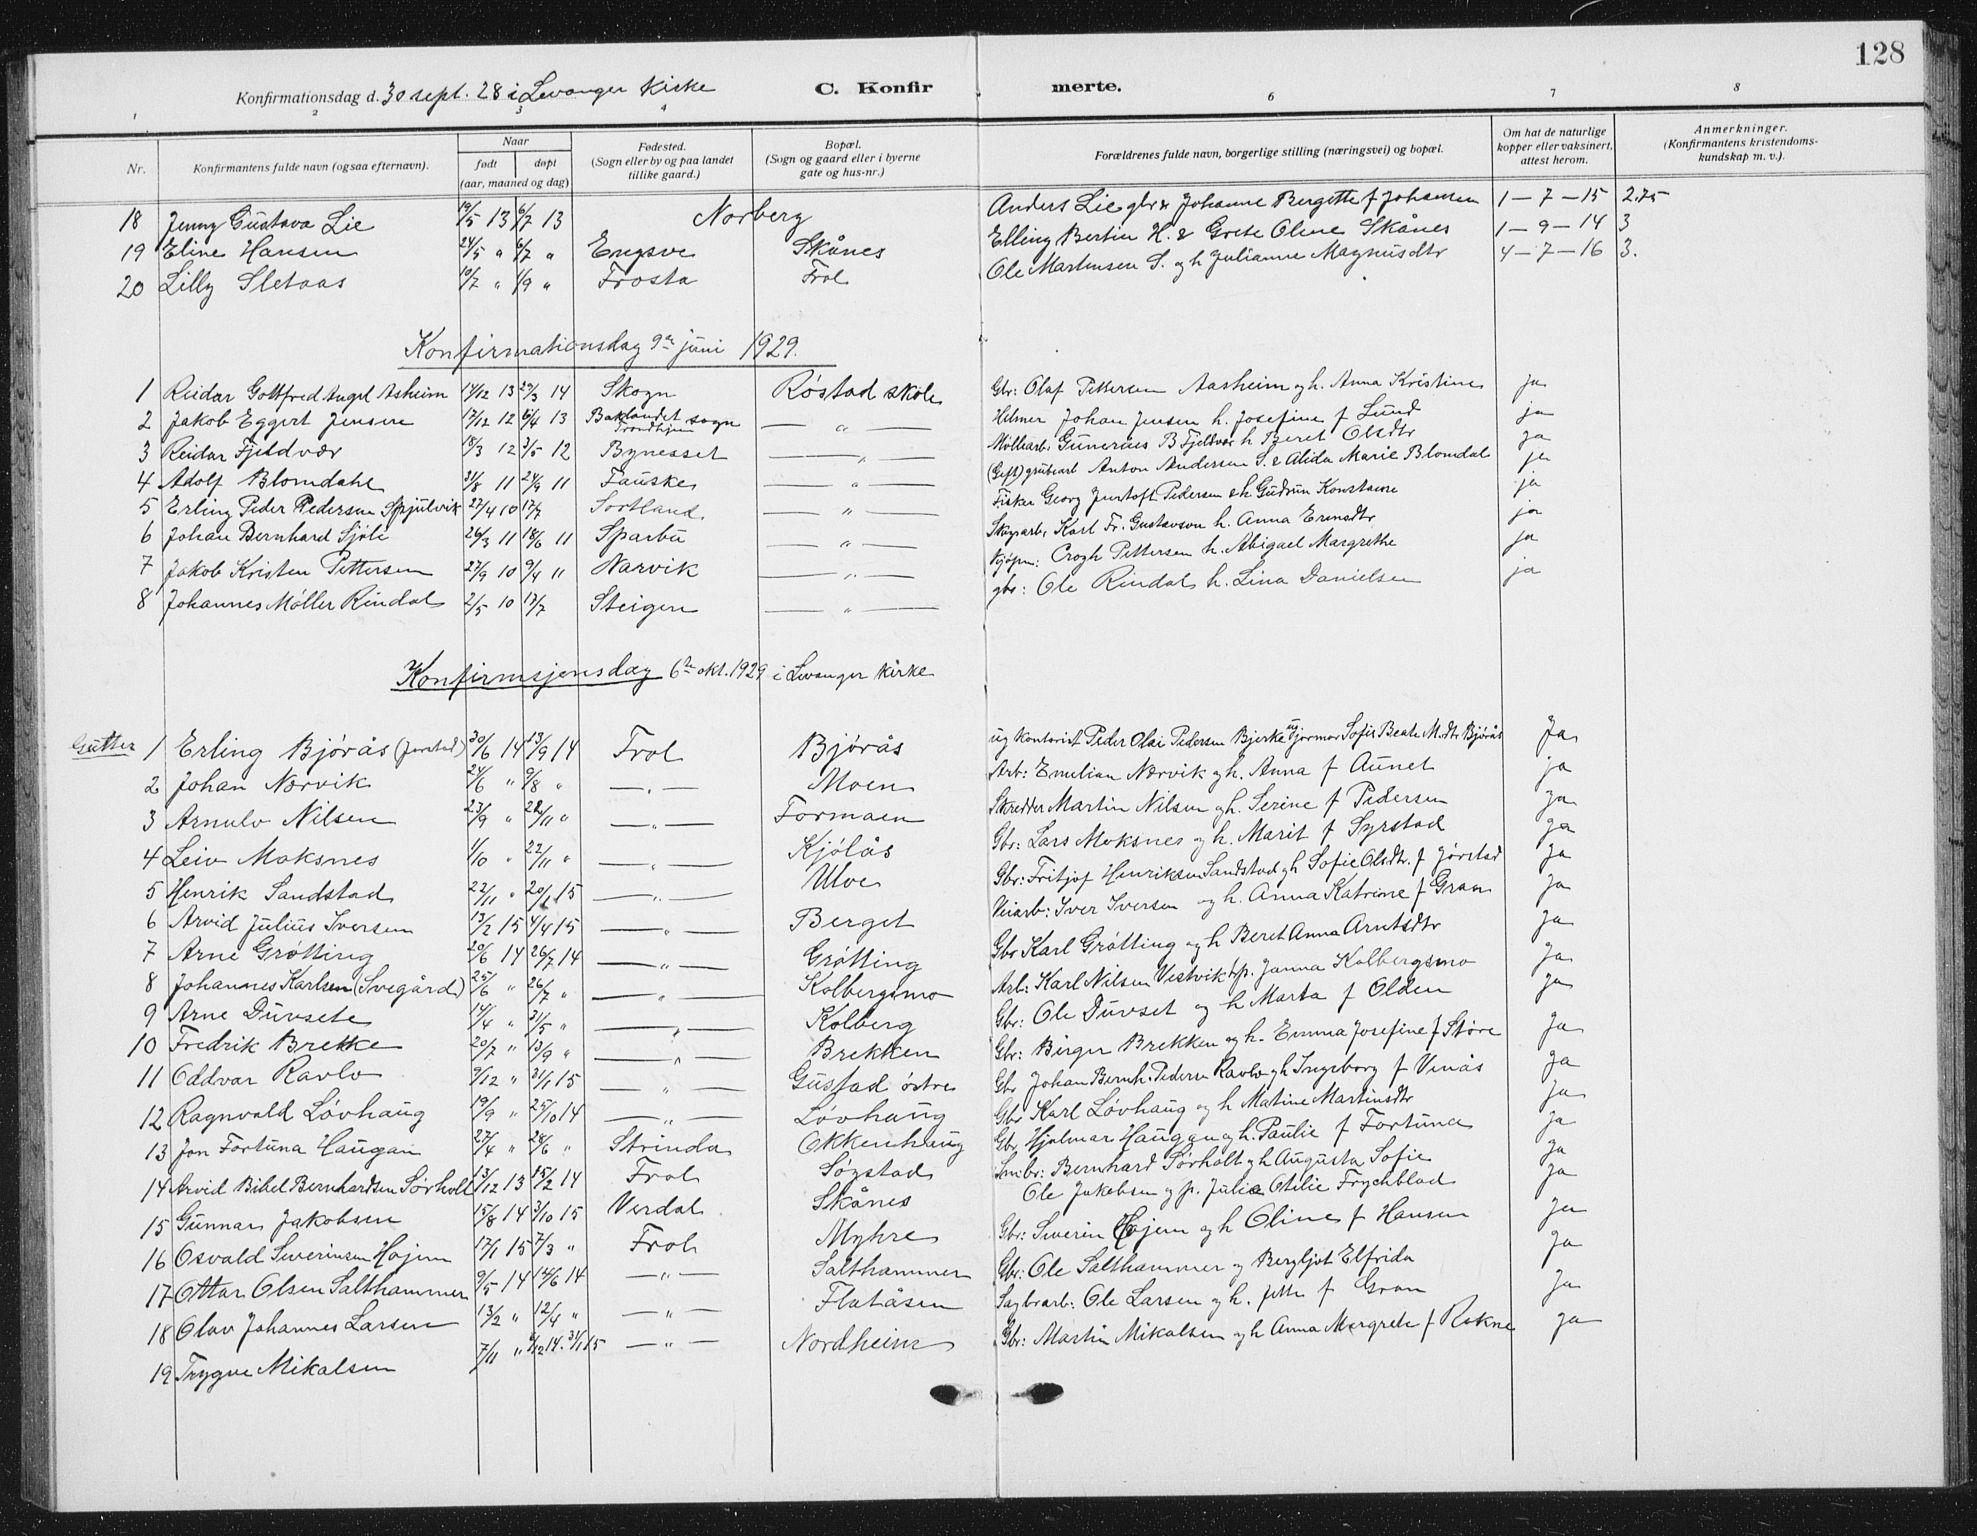 SAT, Ministerialprotokoller, klokkerbøker og fødselsregistre - Nord-Trøndelag, 721/L0209: Klokkerbok nr. 721C02, 1918-1940, s. 128